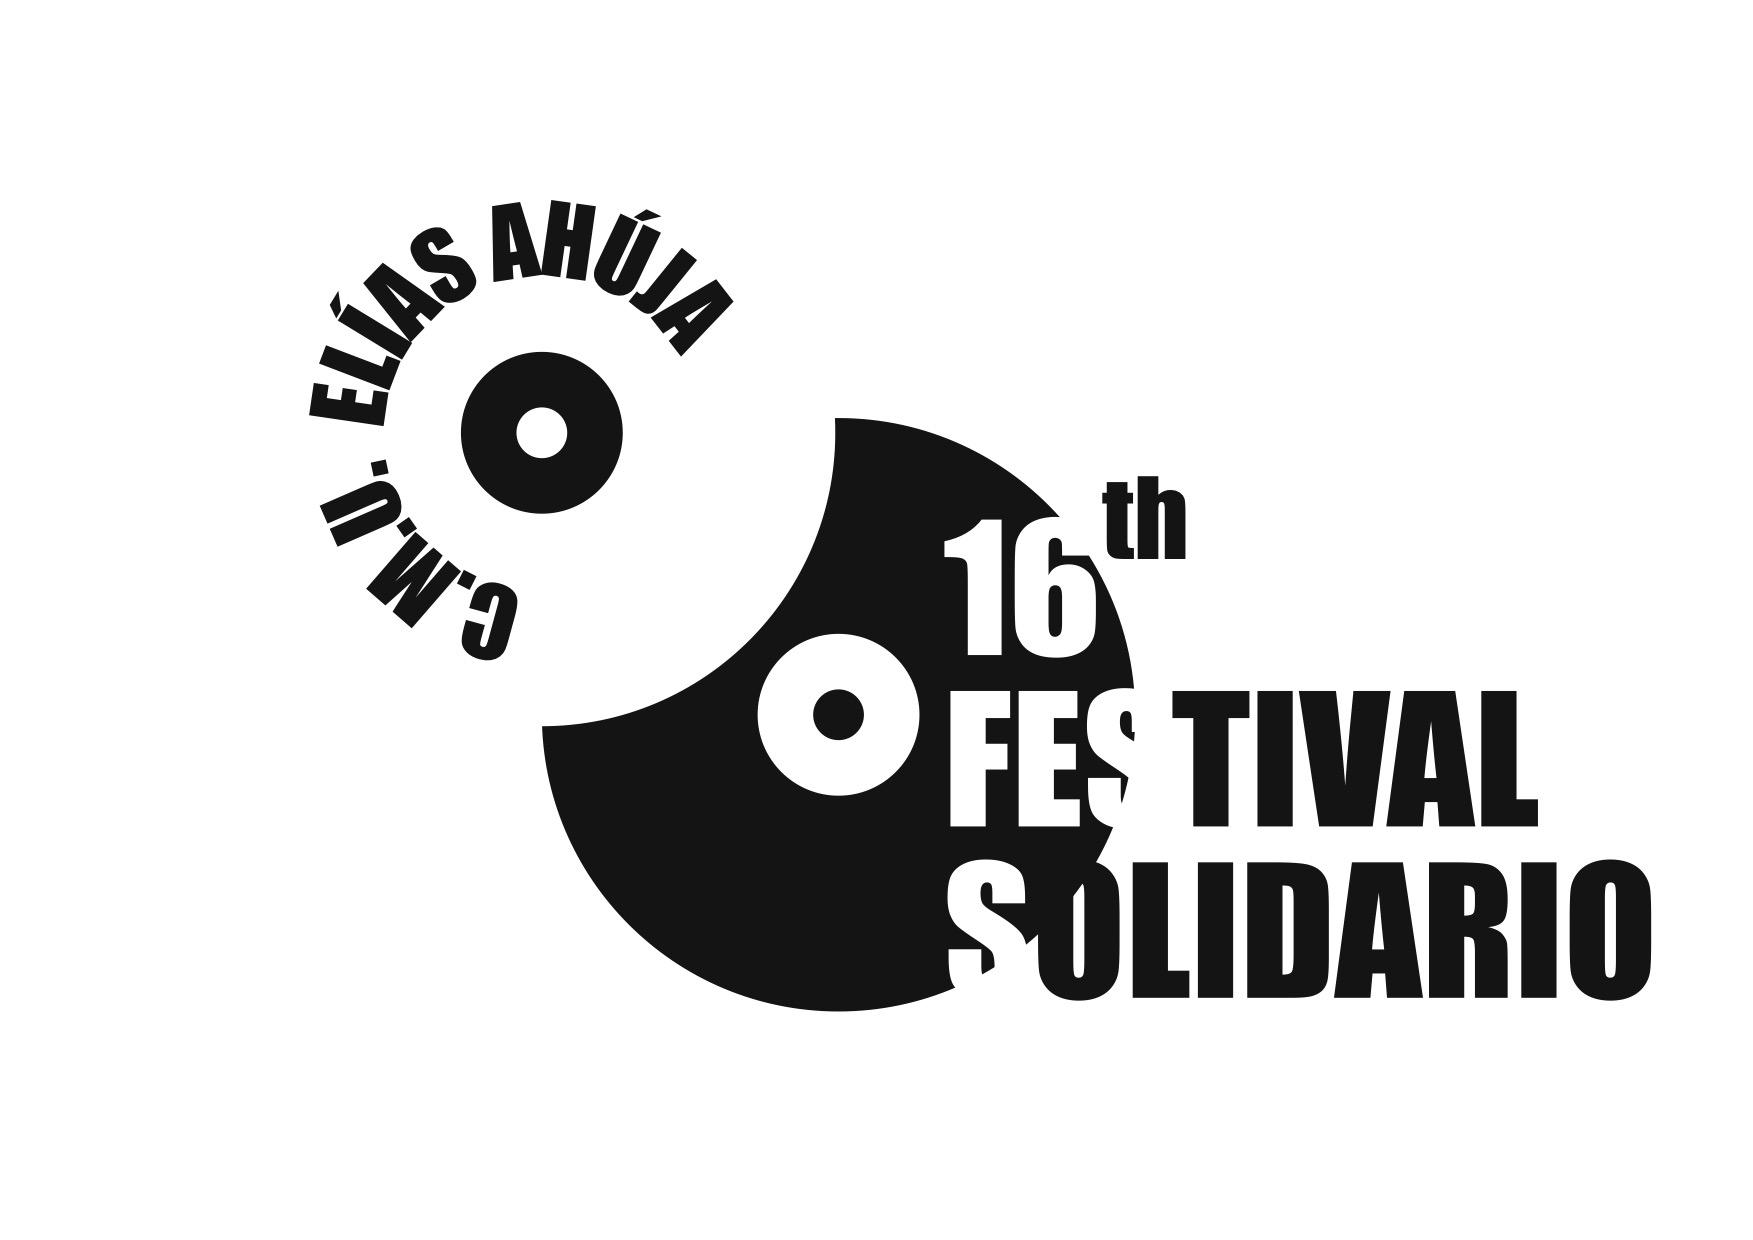 16 Festival Solidario